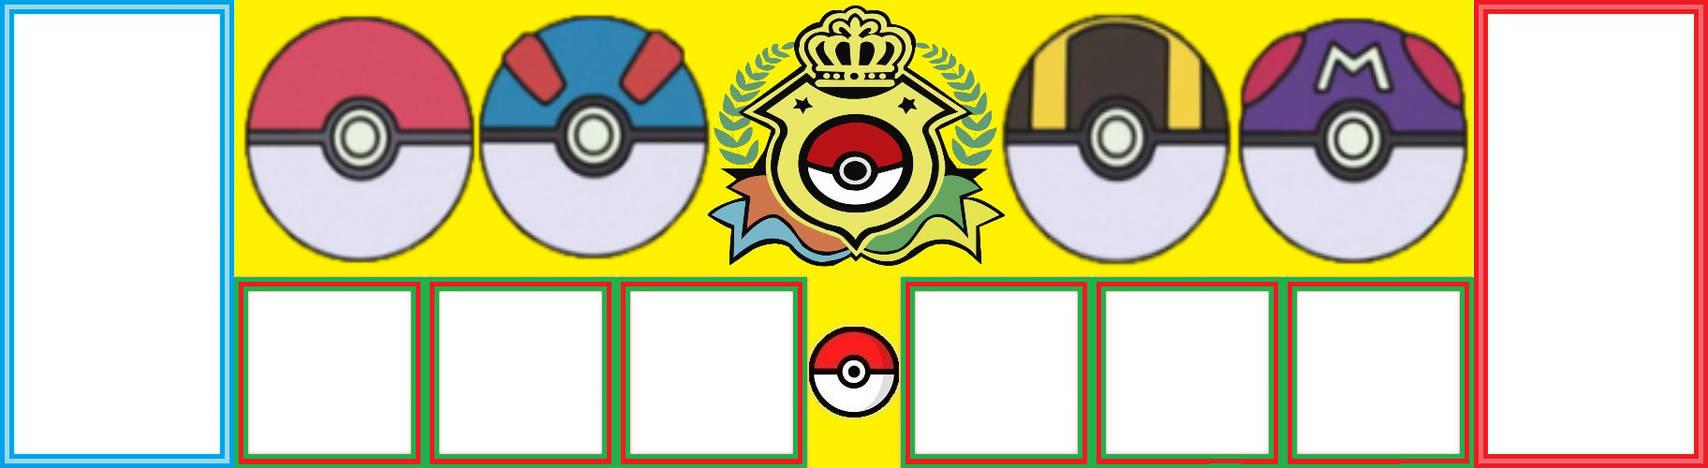 Pokemon World Coronation Series (3 on 3 Battle)